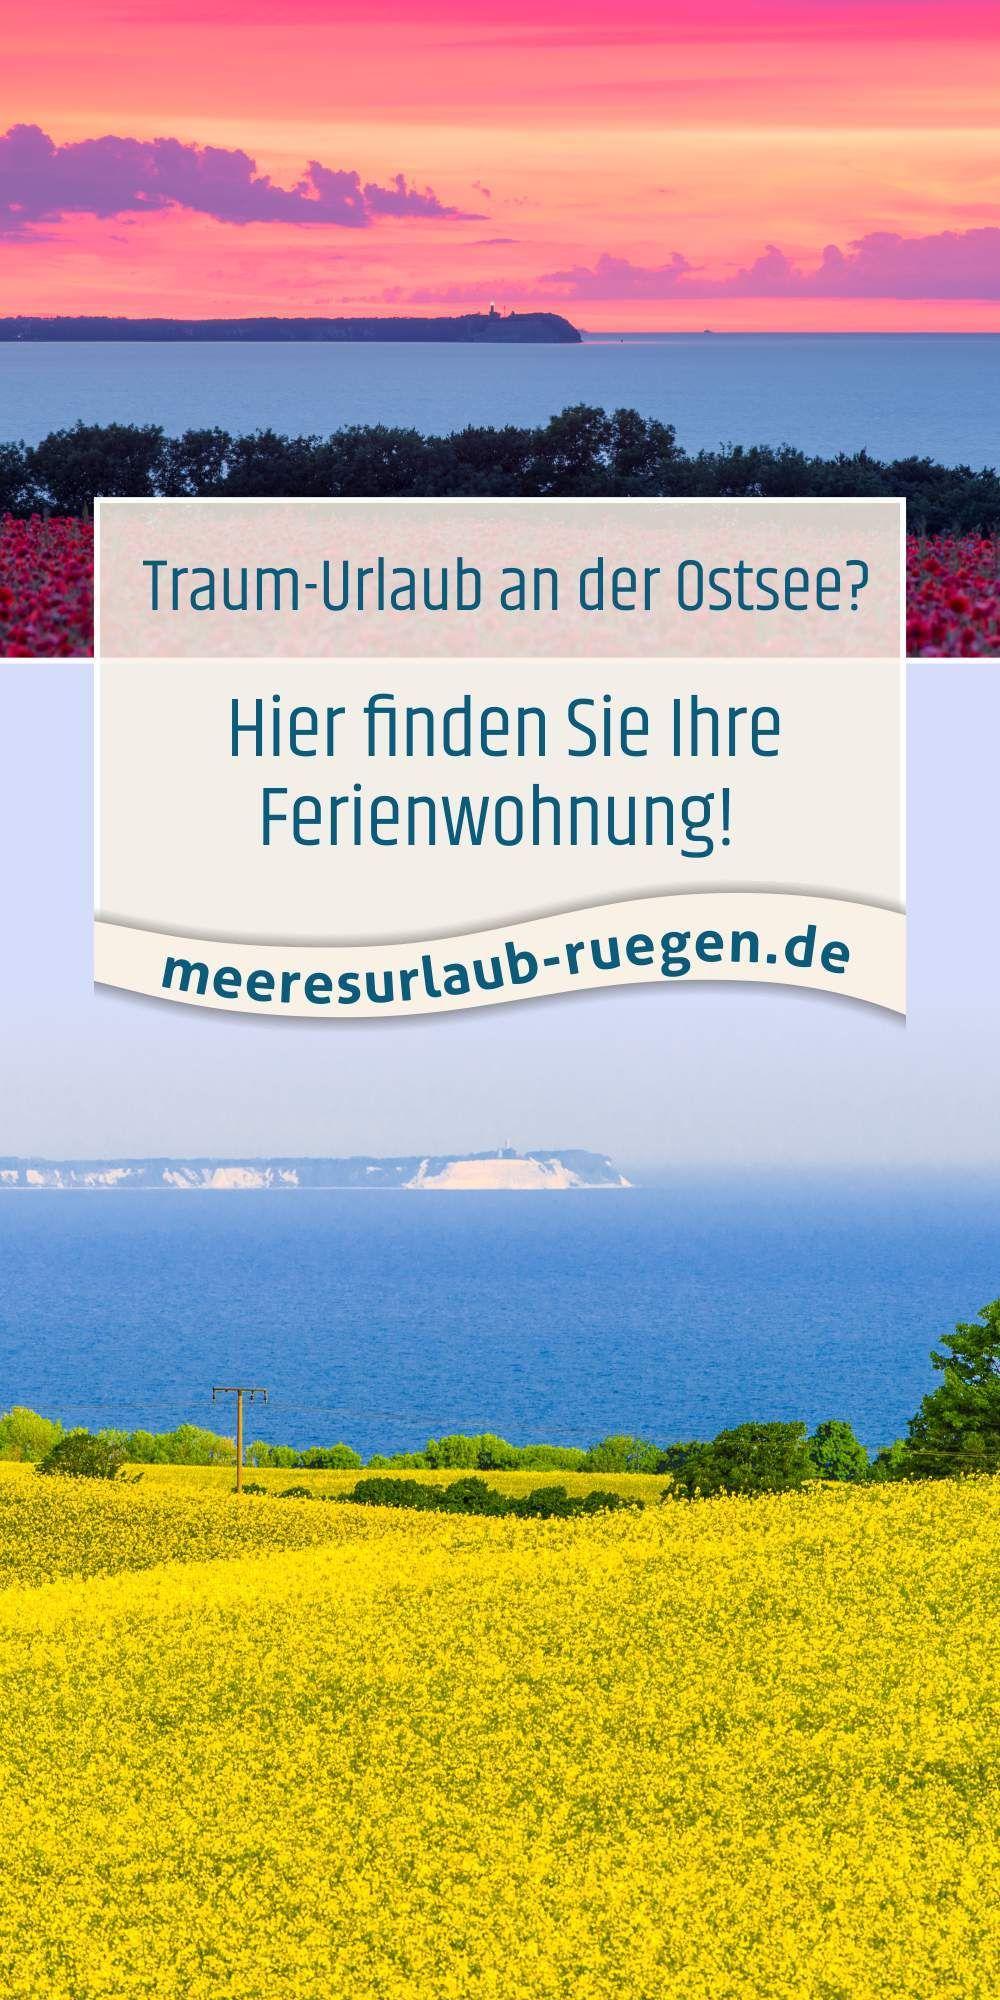 entertaining phrase Interesting Partnersuche Rheinsberg finde deinen Traumpartner remarkable, very